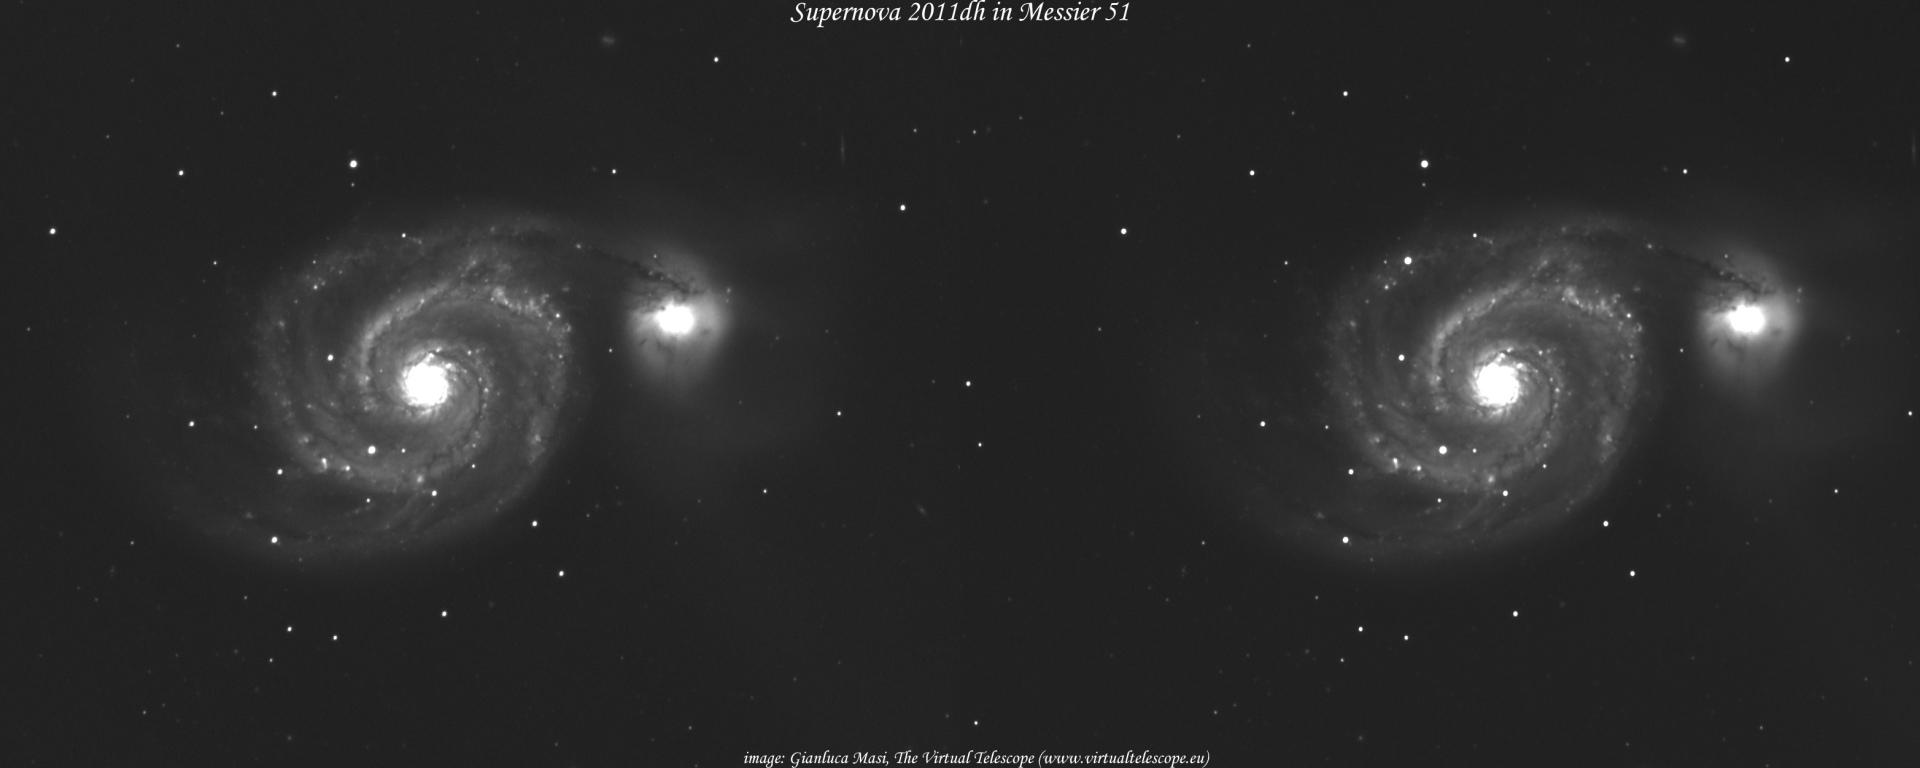 2010 के सुपरनोवा विस्फोट के बाद की तस्वीर(नासा द्वारा तैयार कीया गया मिश्रित चित्र)